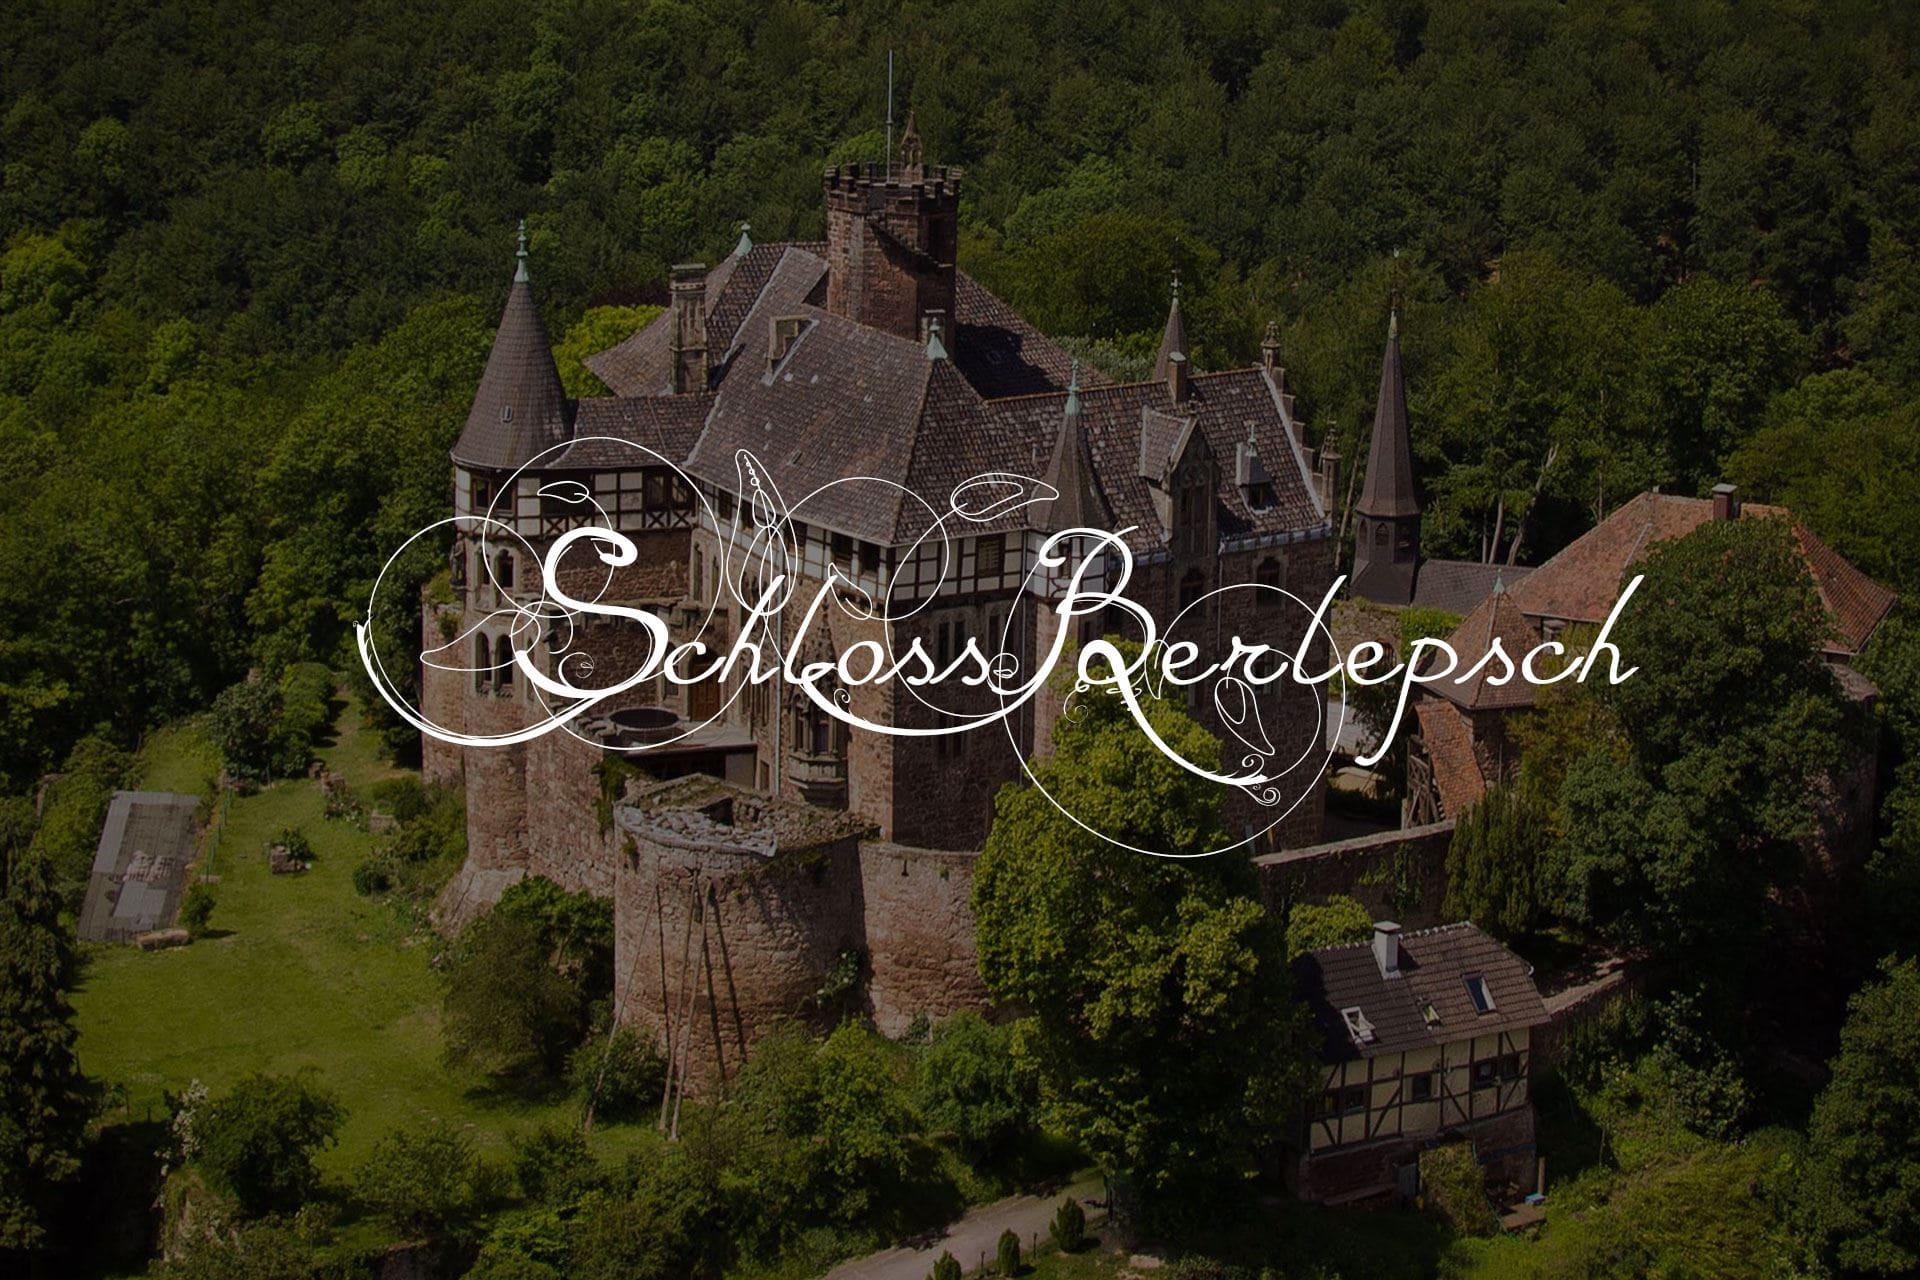 Thimon von Berlepsch zur Silvbestergala auf Schloss Berlepsch